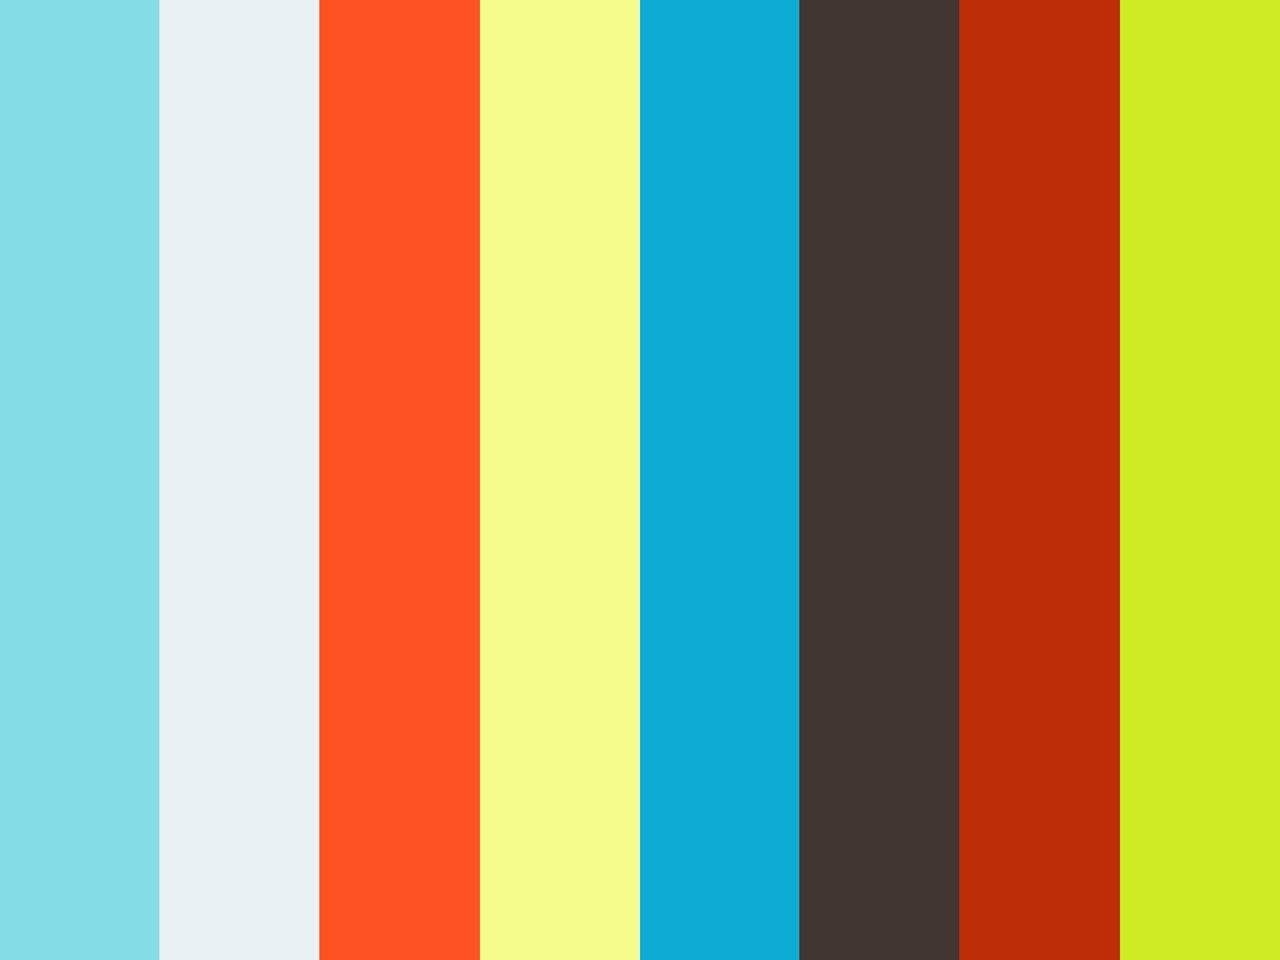 002744 - TV Provincie - jaaroverzicht 4 WERKEN EN ONDERNEMEN